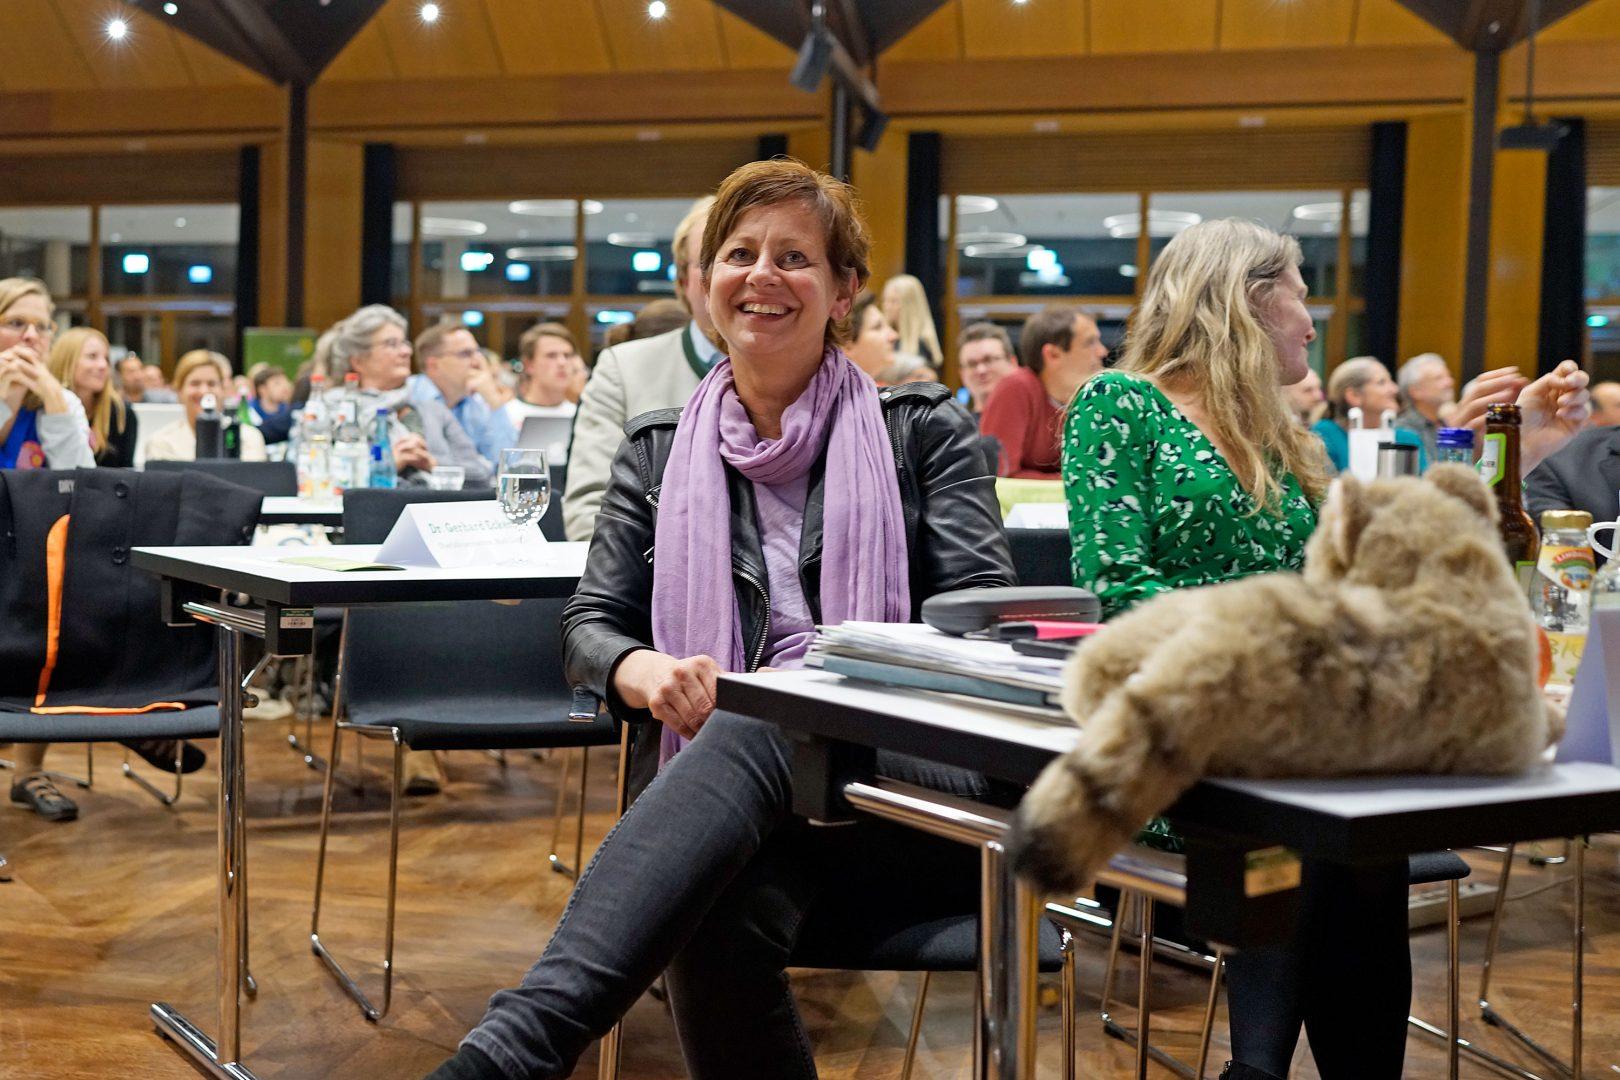 Landesvorsitzende Sigi Hagl bei Ihrer Verabschiedung: Sie sitzt auf ihrem Platz und schaut nach oben zur Bühne, wo ihr Ko-Vorsitzender Eike Hallitzky gerade die Laudatio auf sie hält.